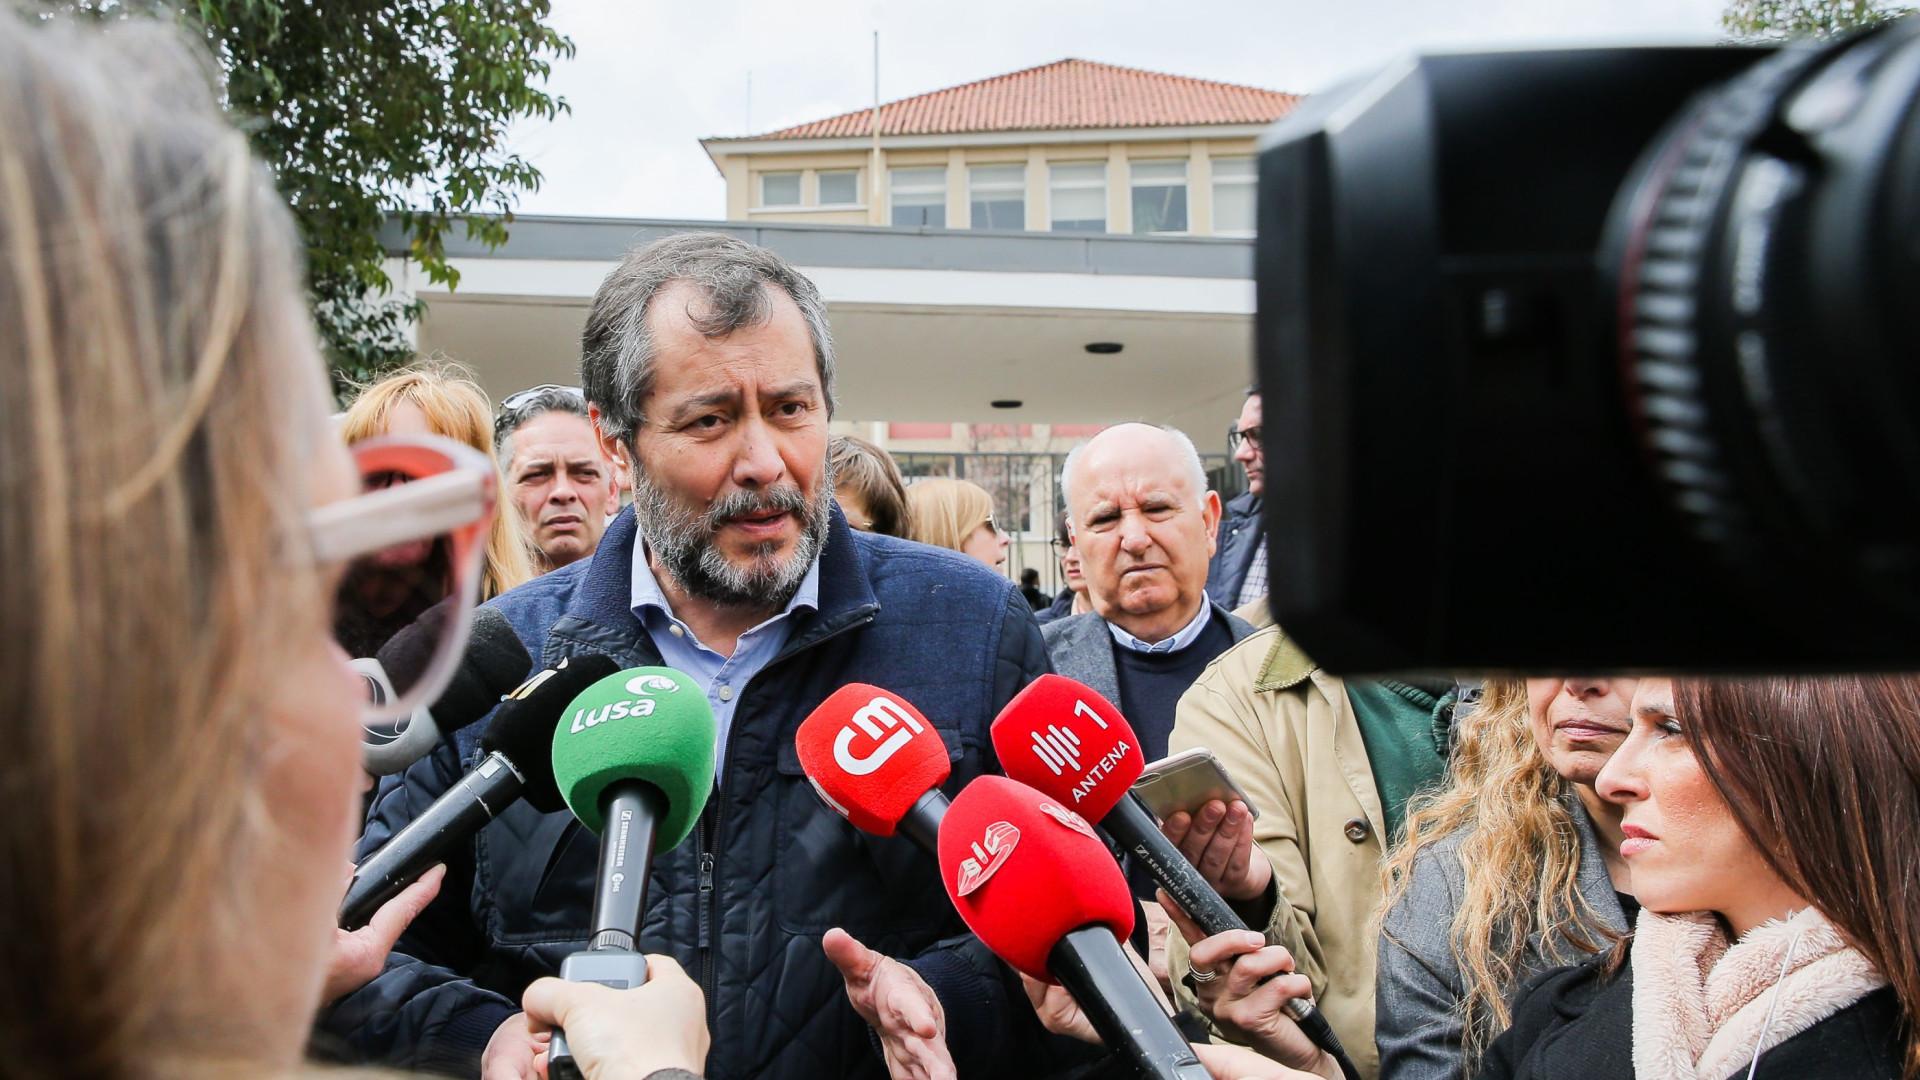 Fenprof promete greve no início de aulas e na primeira semana de outubro